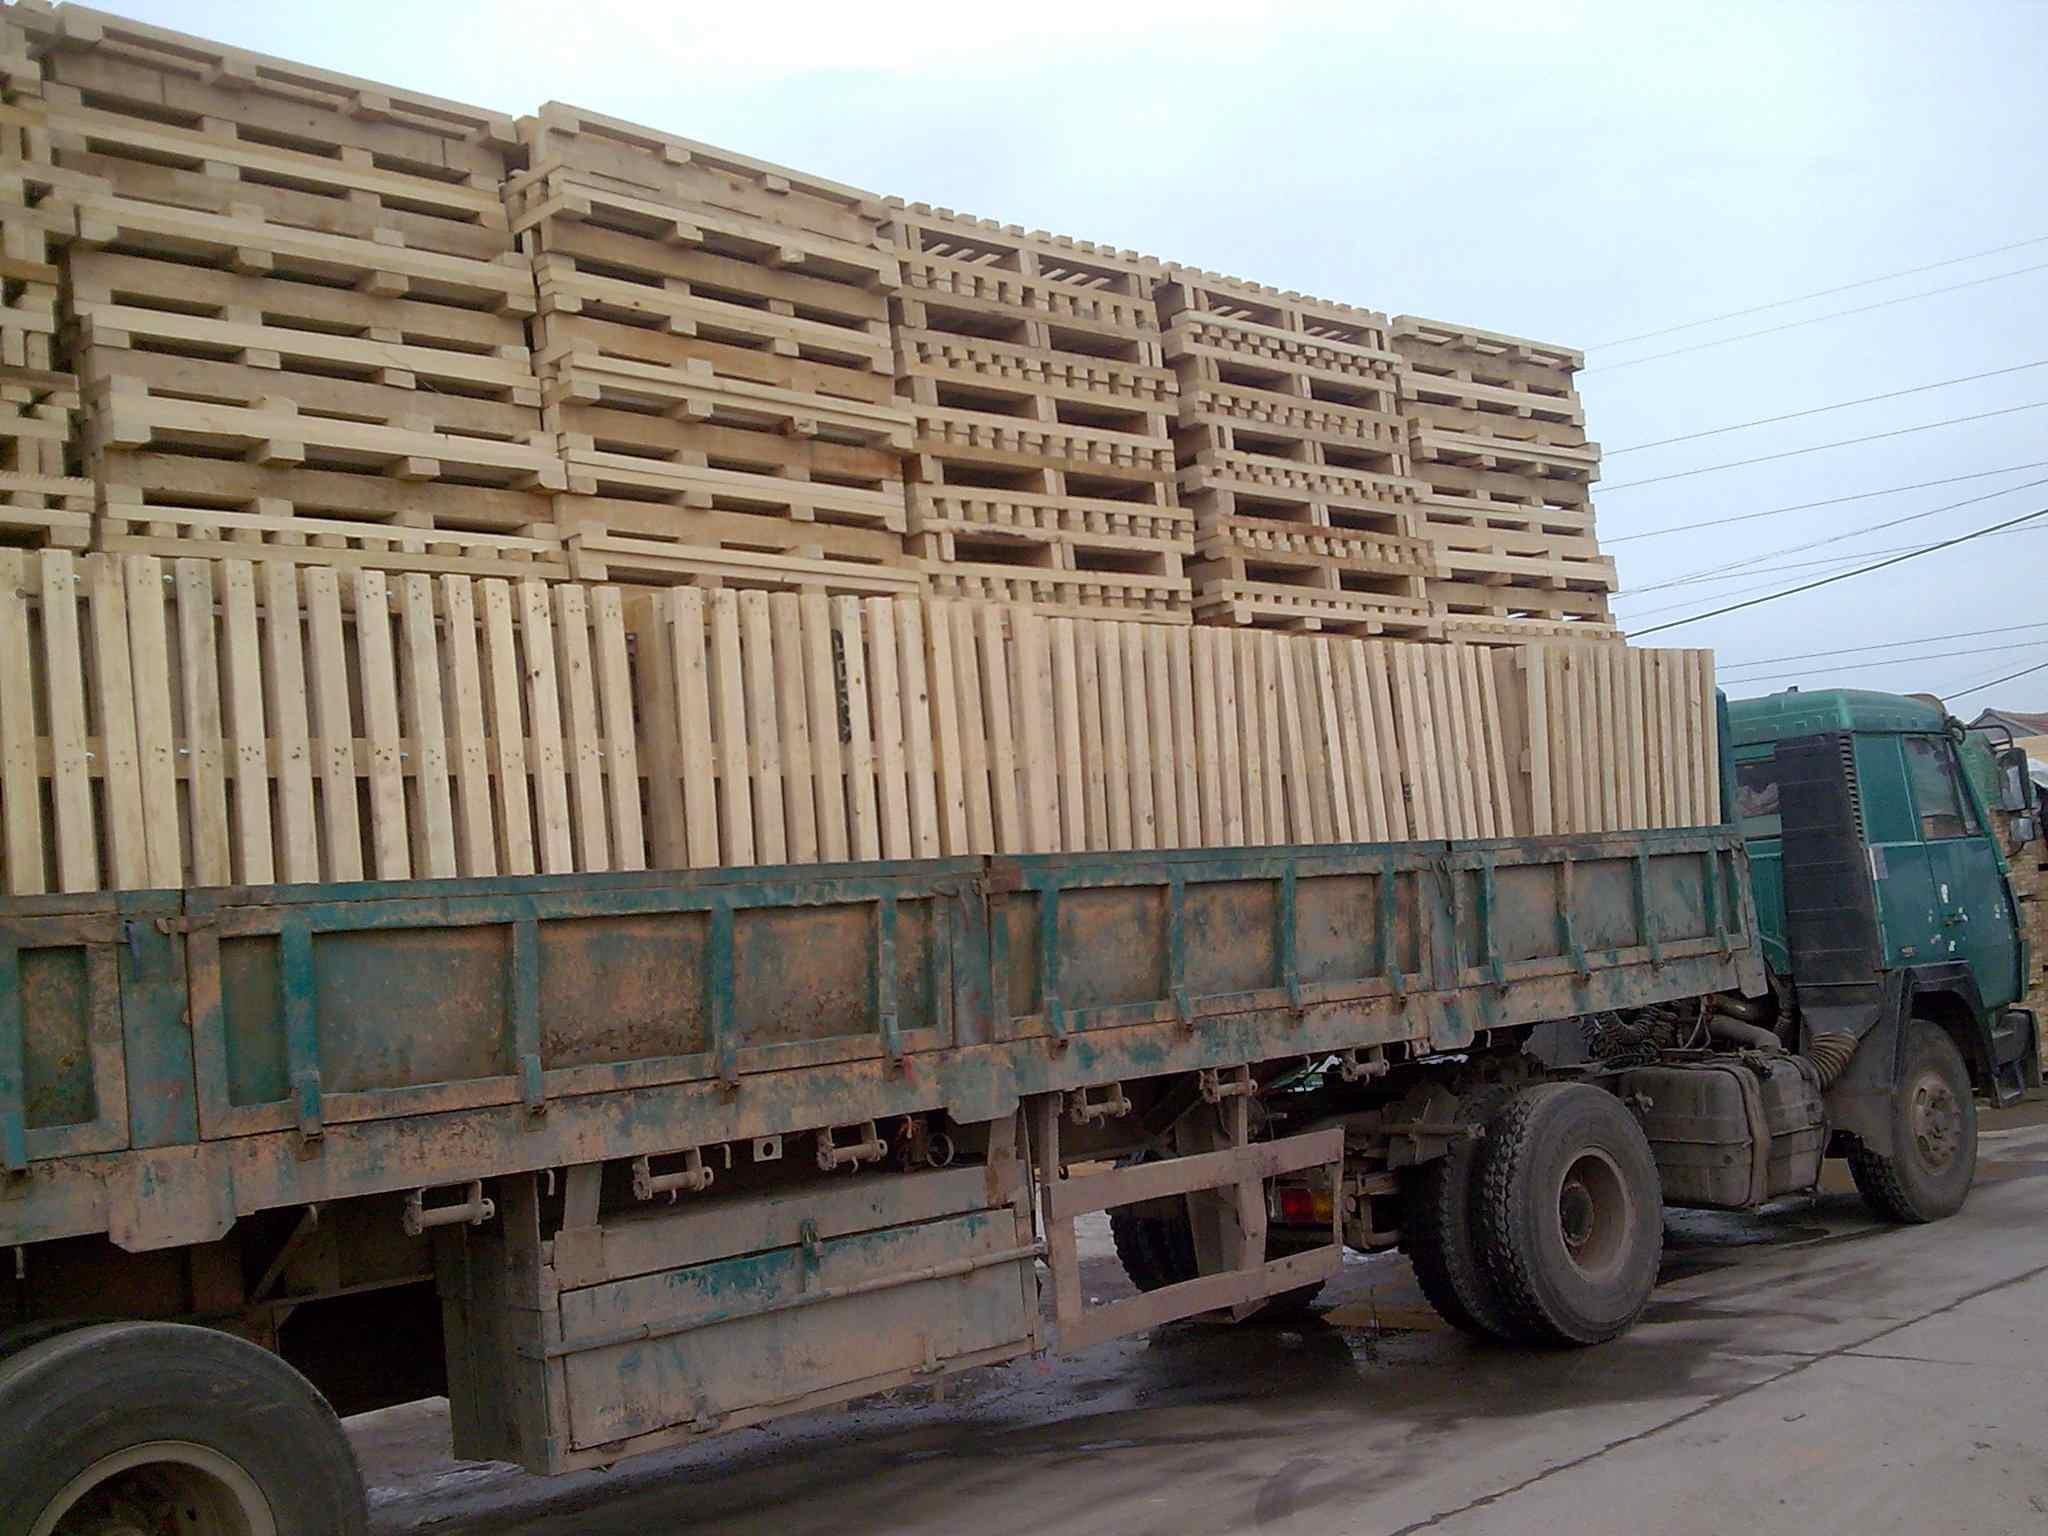 青岛加德木业专业生产托盘类、出口免熏蒸胶合板托盘类、出口免熏蒸镀锌钢边快装箱类、围板周转箱类、木包装箱以及出口免熏蒸胶合板箱等产品的生产型企业,产品远销多个国家和地区。 木托盘是现在使用最广的托盘。托盘是用于集装、堆放、搬运和运输的放置作为单元负荷的货物和制品的水平平台装置。 本公司木托盘以原木为材料,进行干燥定型处理,减少水分,消除内应力,然后进行切割、刨光、断头、抽边、砂光等精整加工处理而形成型材板块,采用具有防脱功能的射钉(个别情况采用螺母结构)将型材板块装订成半成品托盘,最后进行精整、防滑处理和封